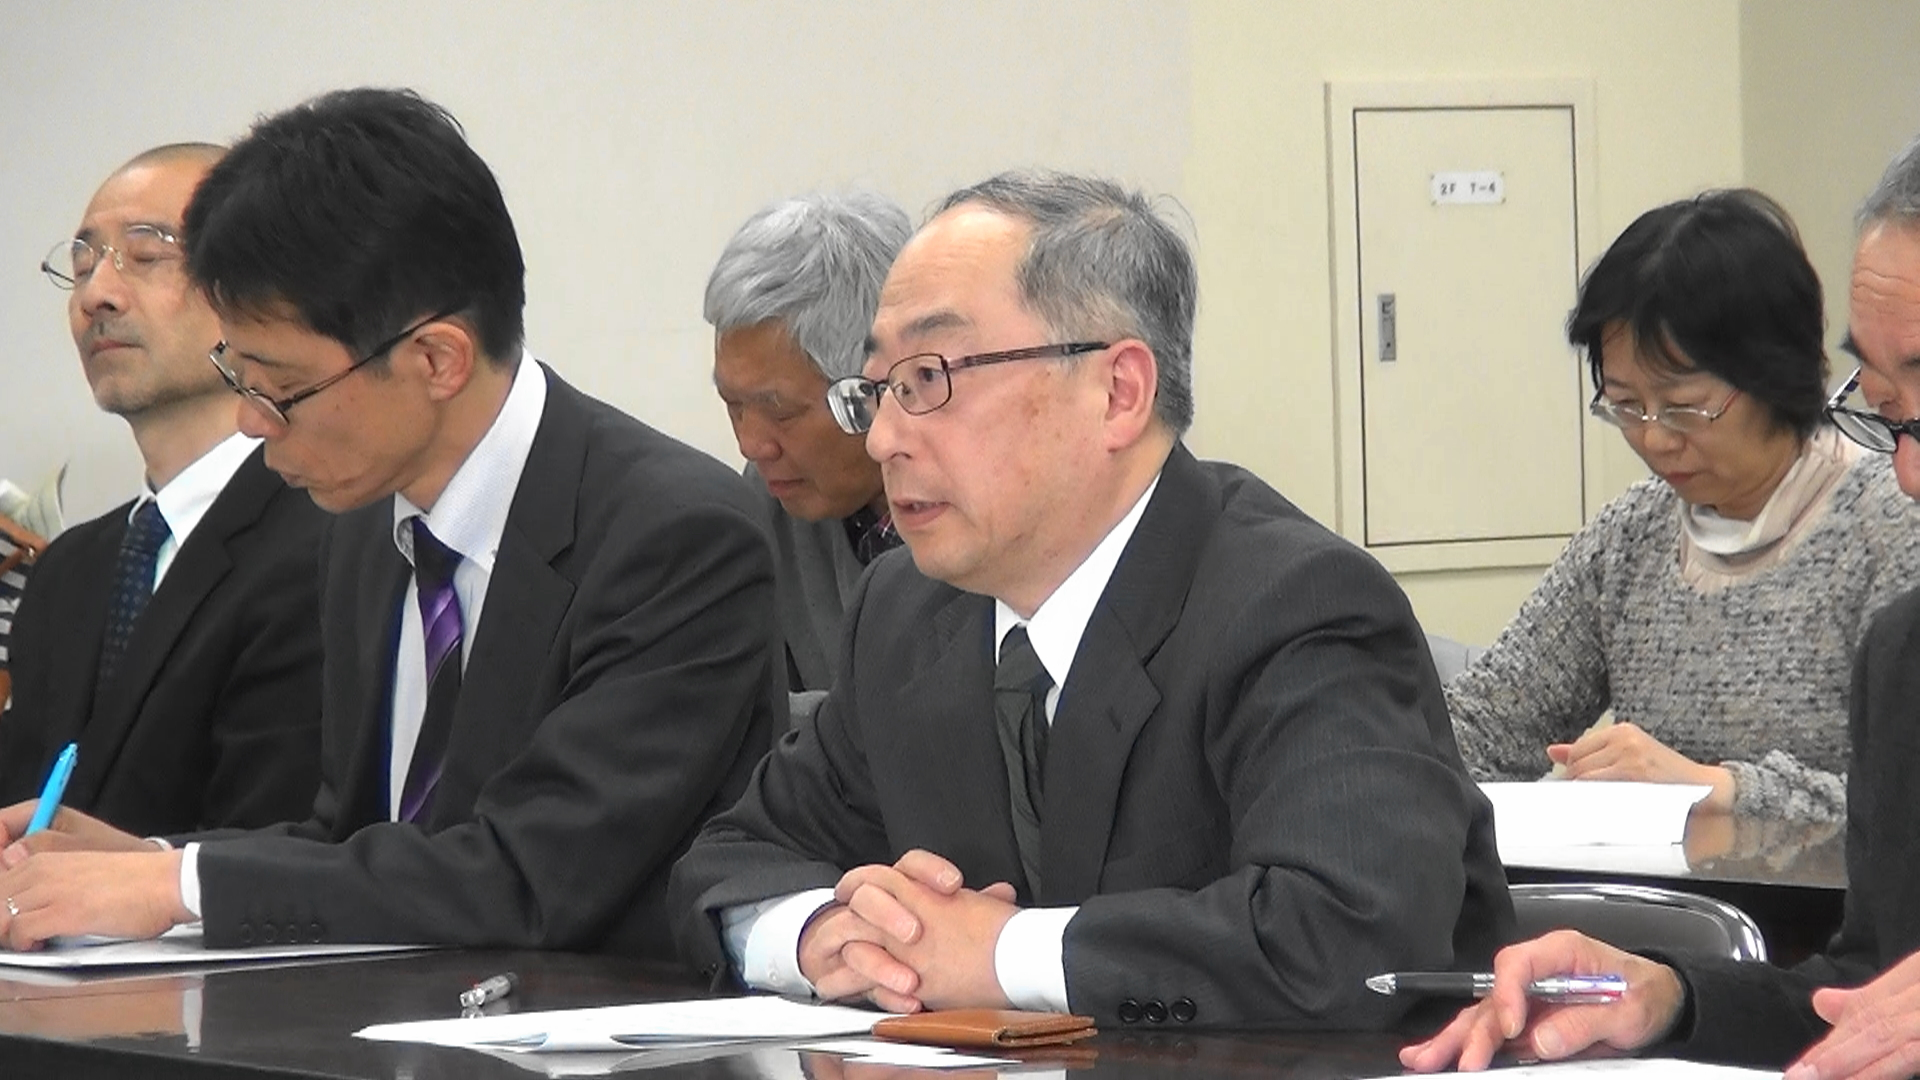 【動画】みんなの会が予算要望 83項目を仙台市に提出